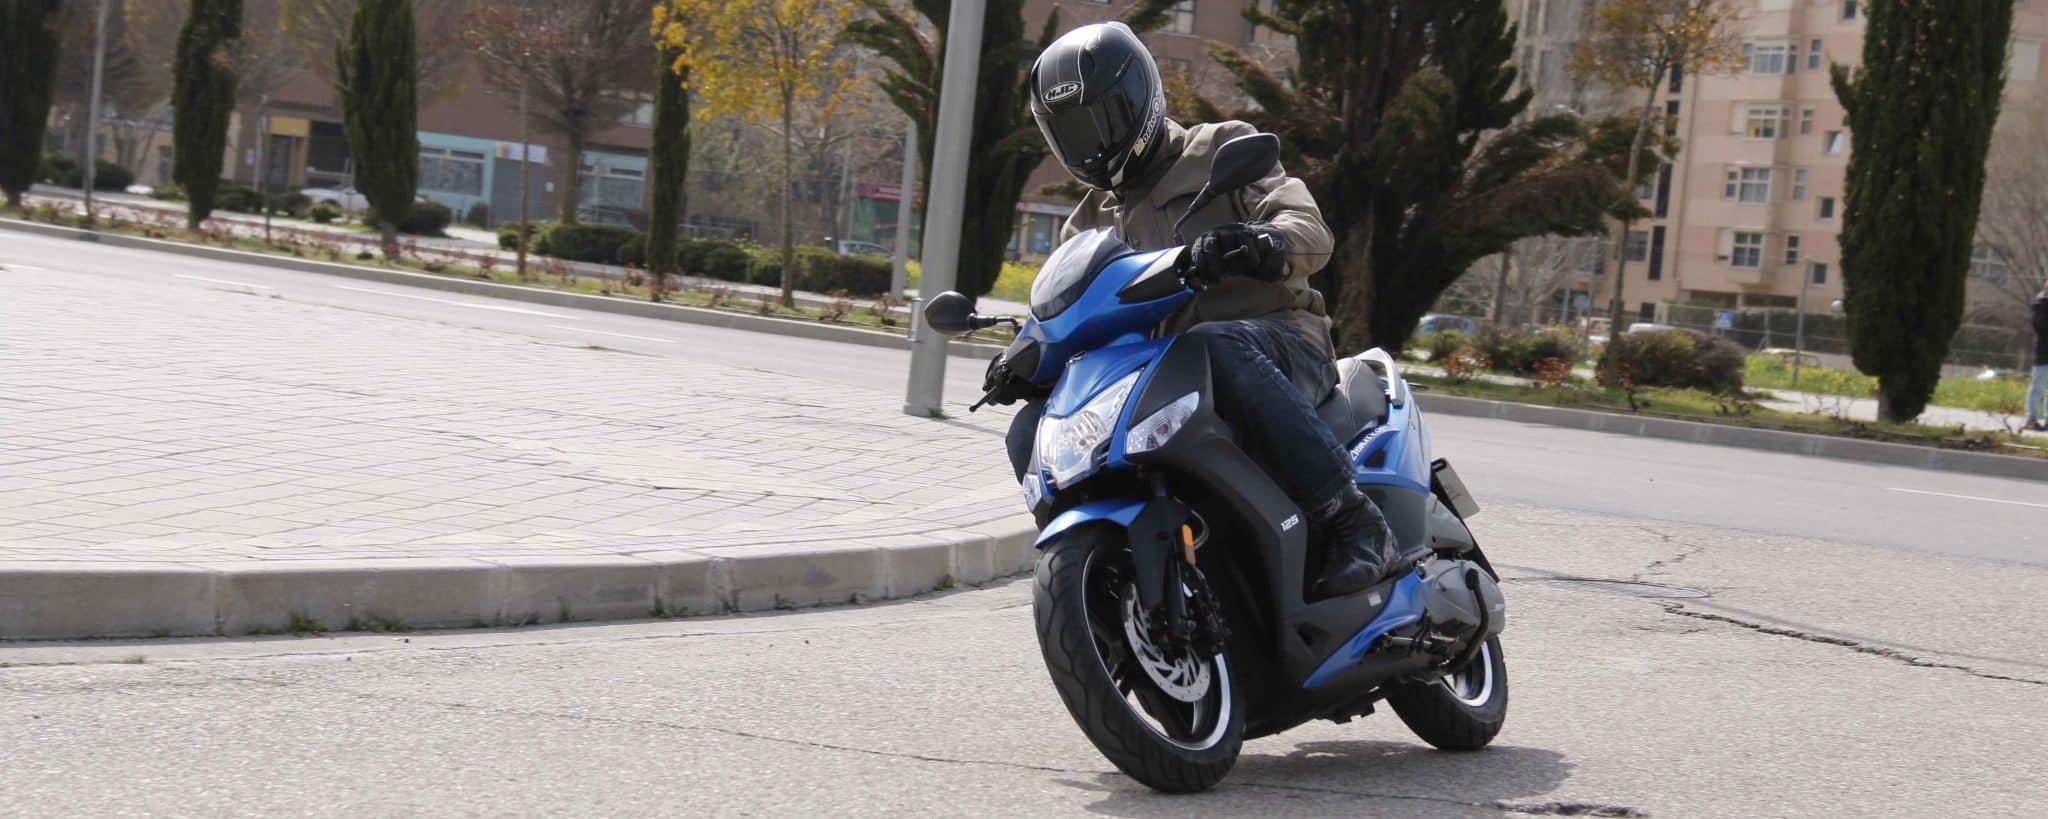 Prueba del Kymco Agility City 125, Scooter Top Ventas